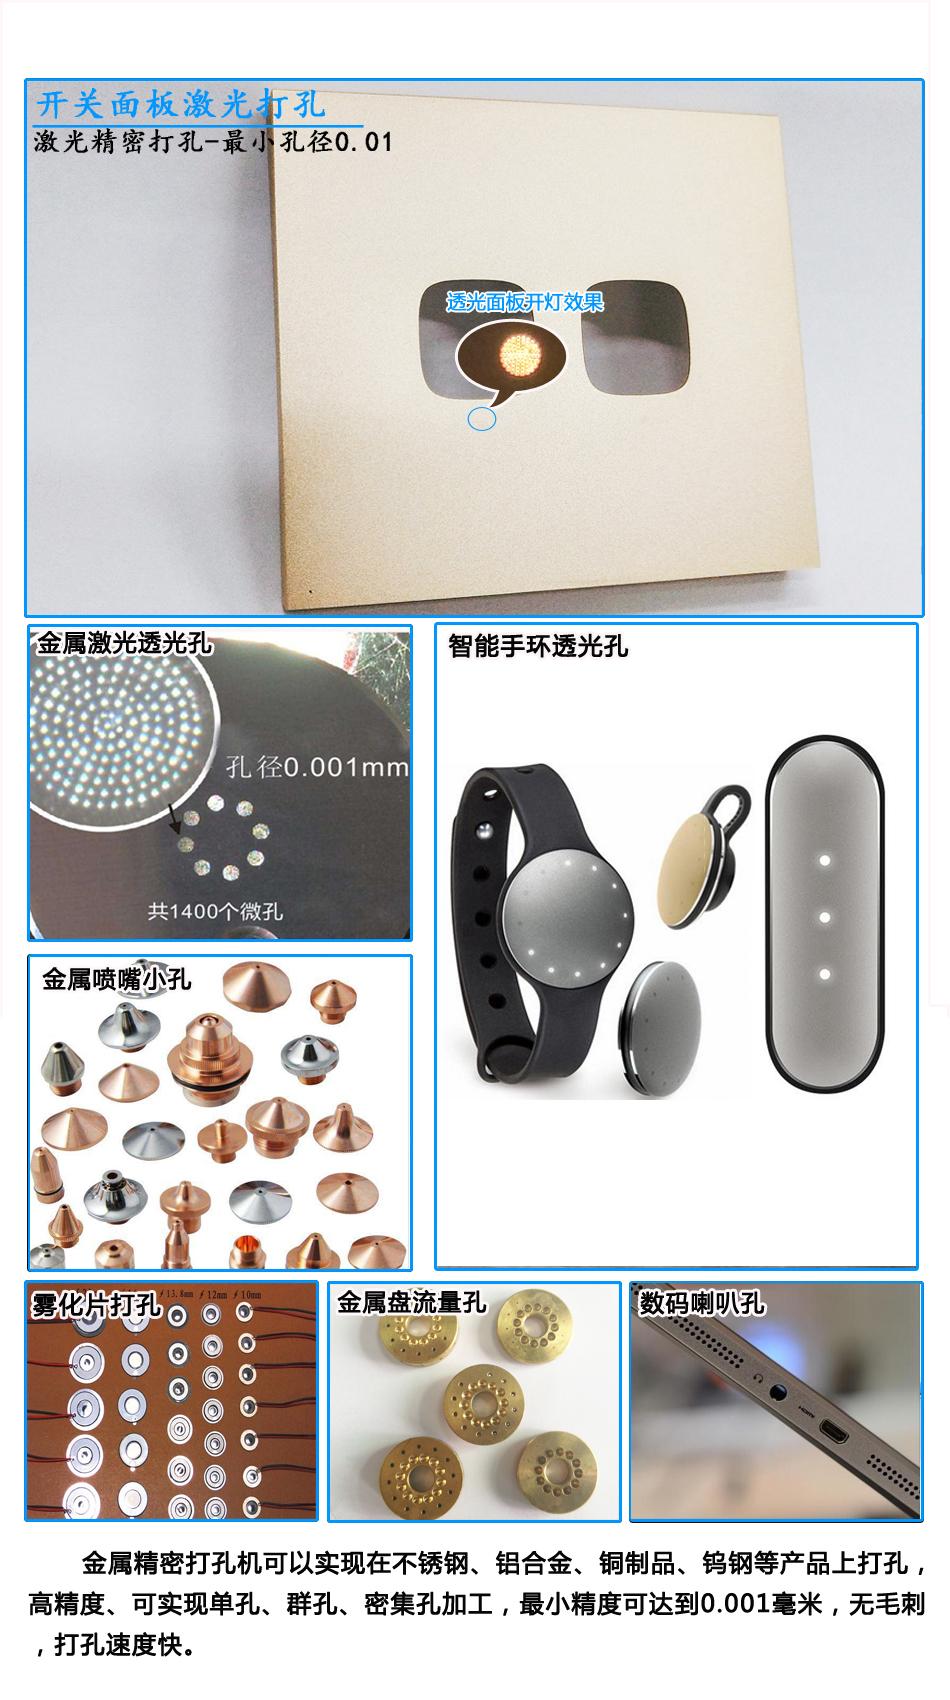 激光微孔机详情(新版)_01.jpg